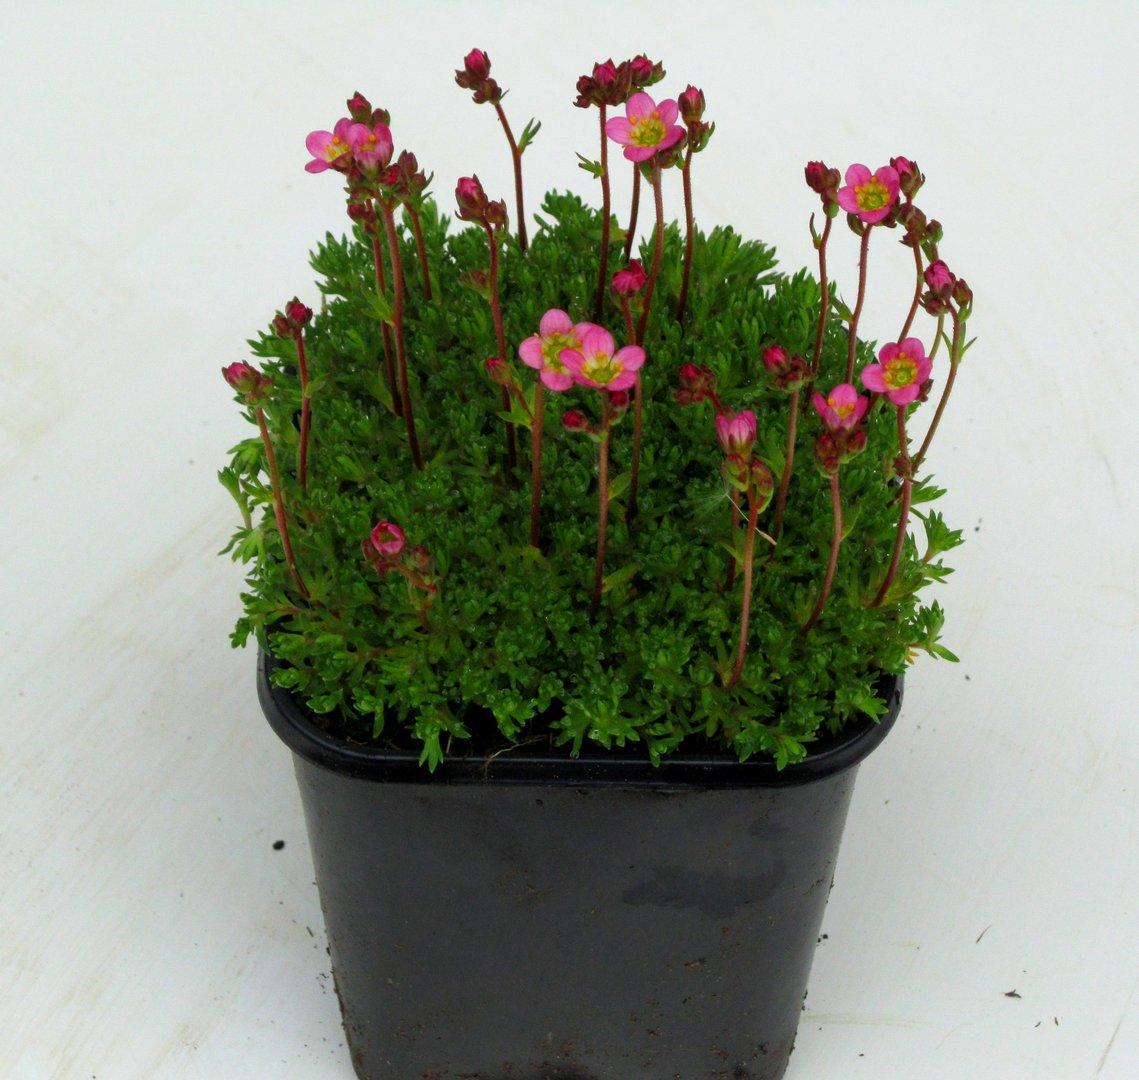 saxifraga moossteinbrech elfenbeinsteinbrech pflanzen. Black Bedroom Furniture Sets. Home Design Ideas